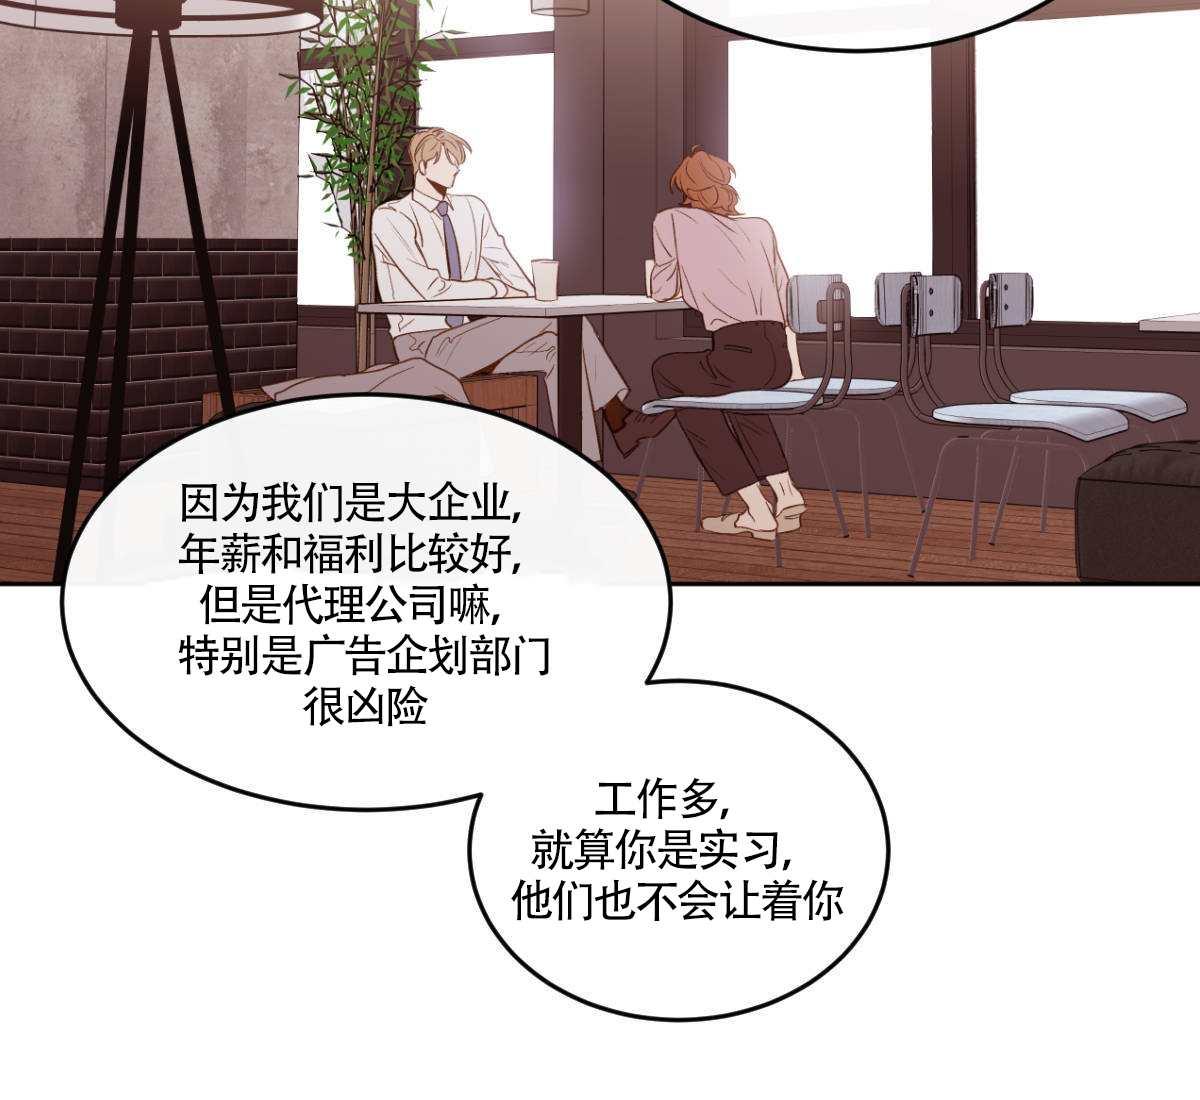 韩漫《新入职员》撩走办公室最可怕的大魔王!  第36张